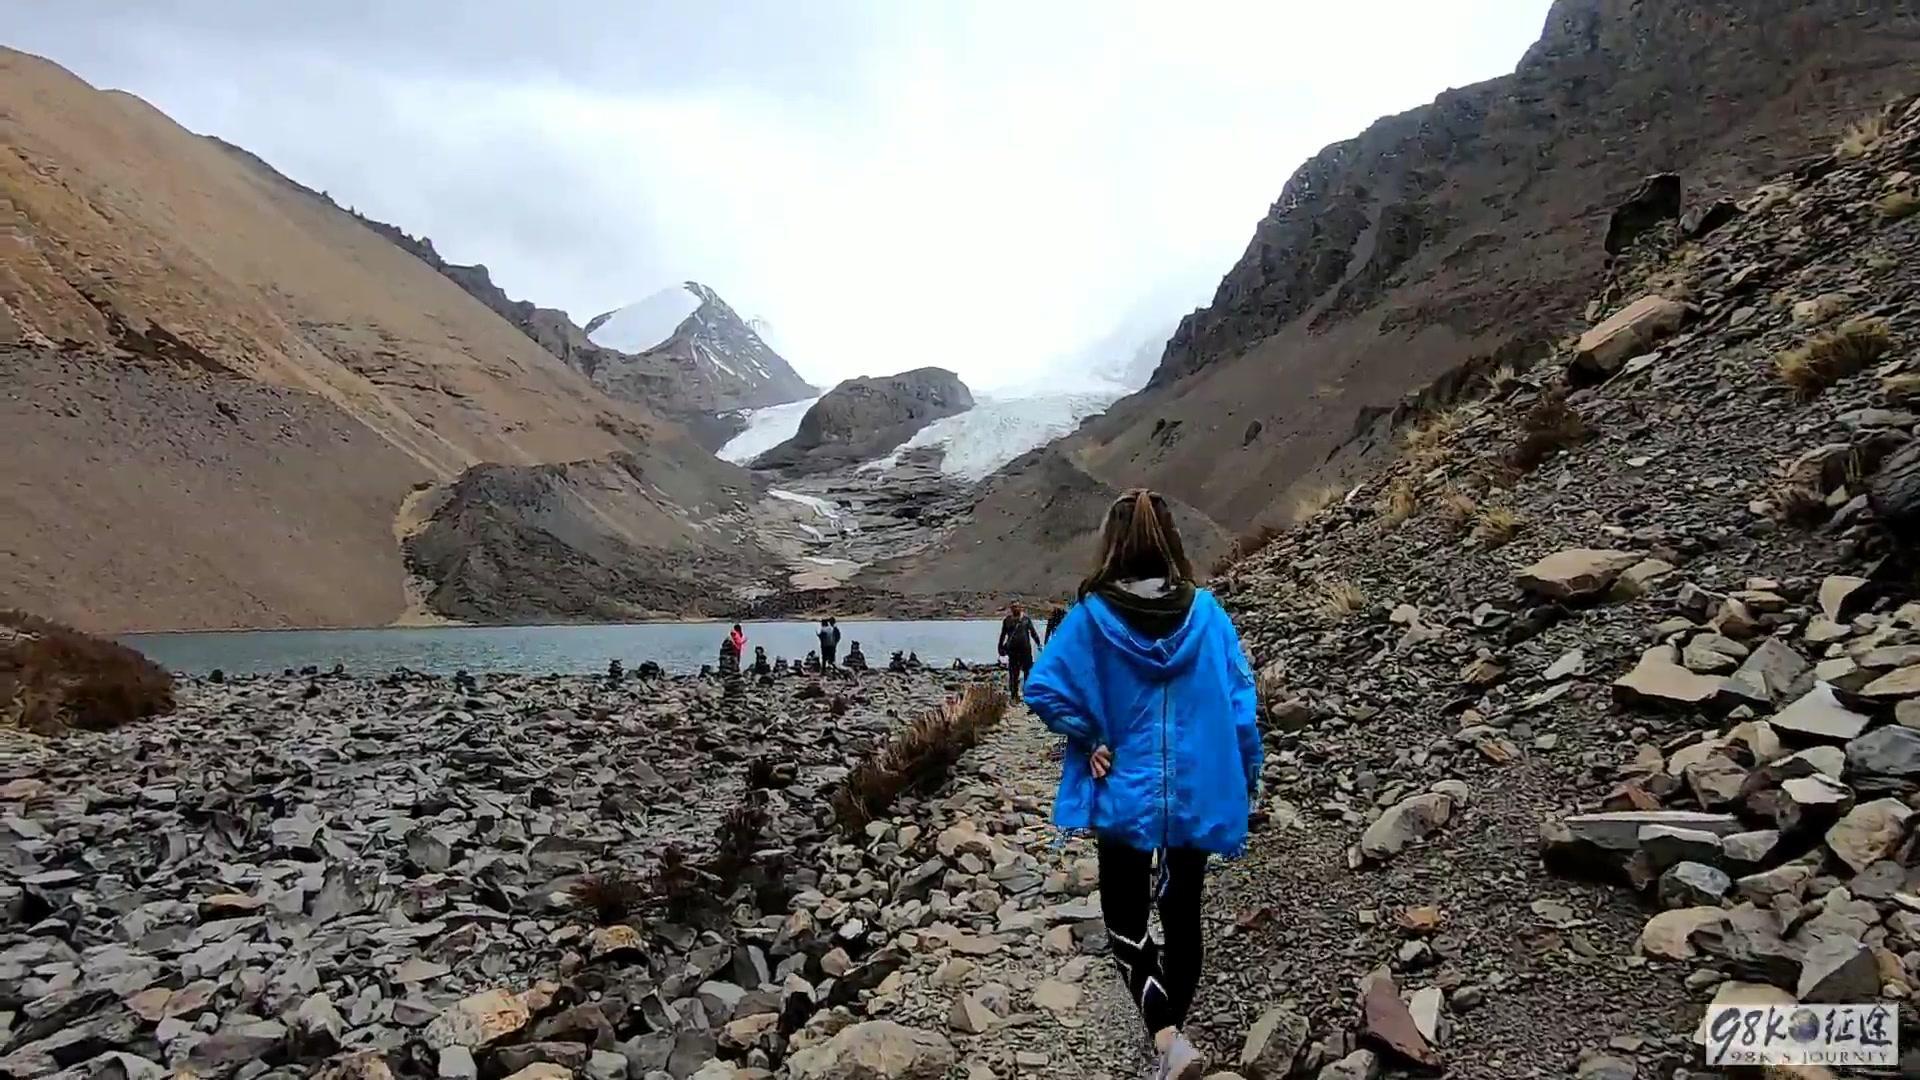 在西藏不缺美景和靓女,海拔4800的冰川,看看遇见了谁,认识吗